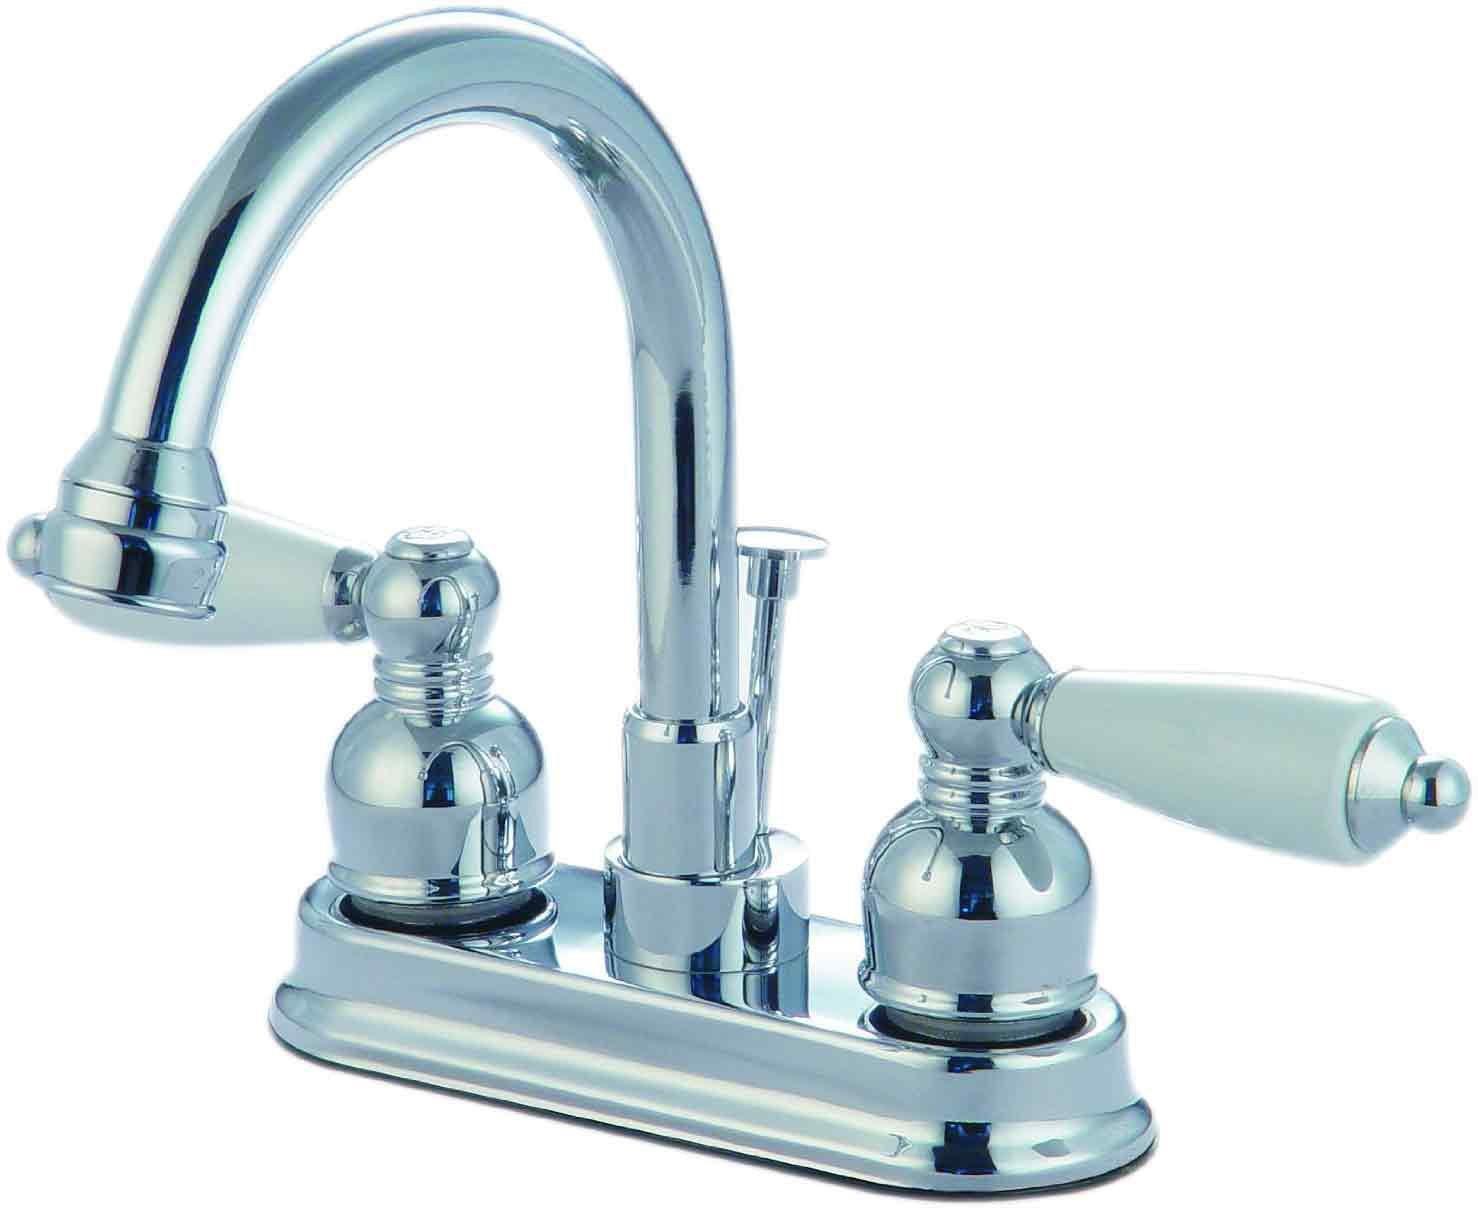 12-3822 Chrome Lavatory/Bar Faucet